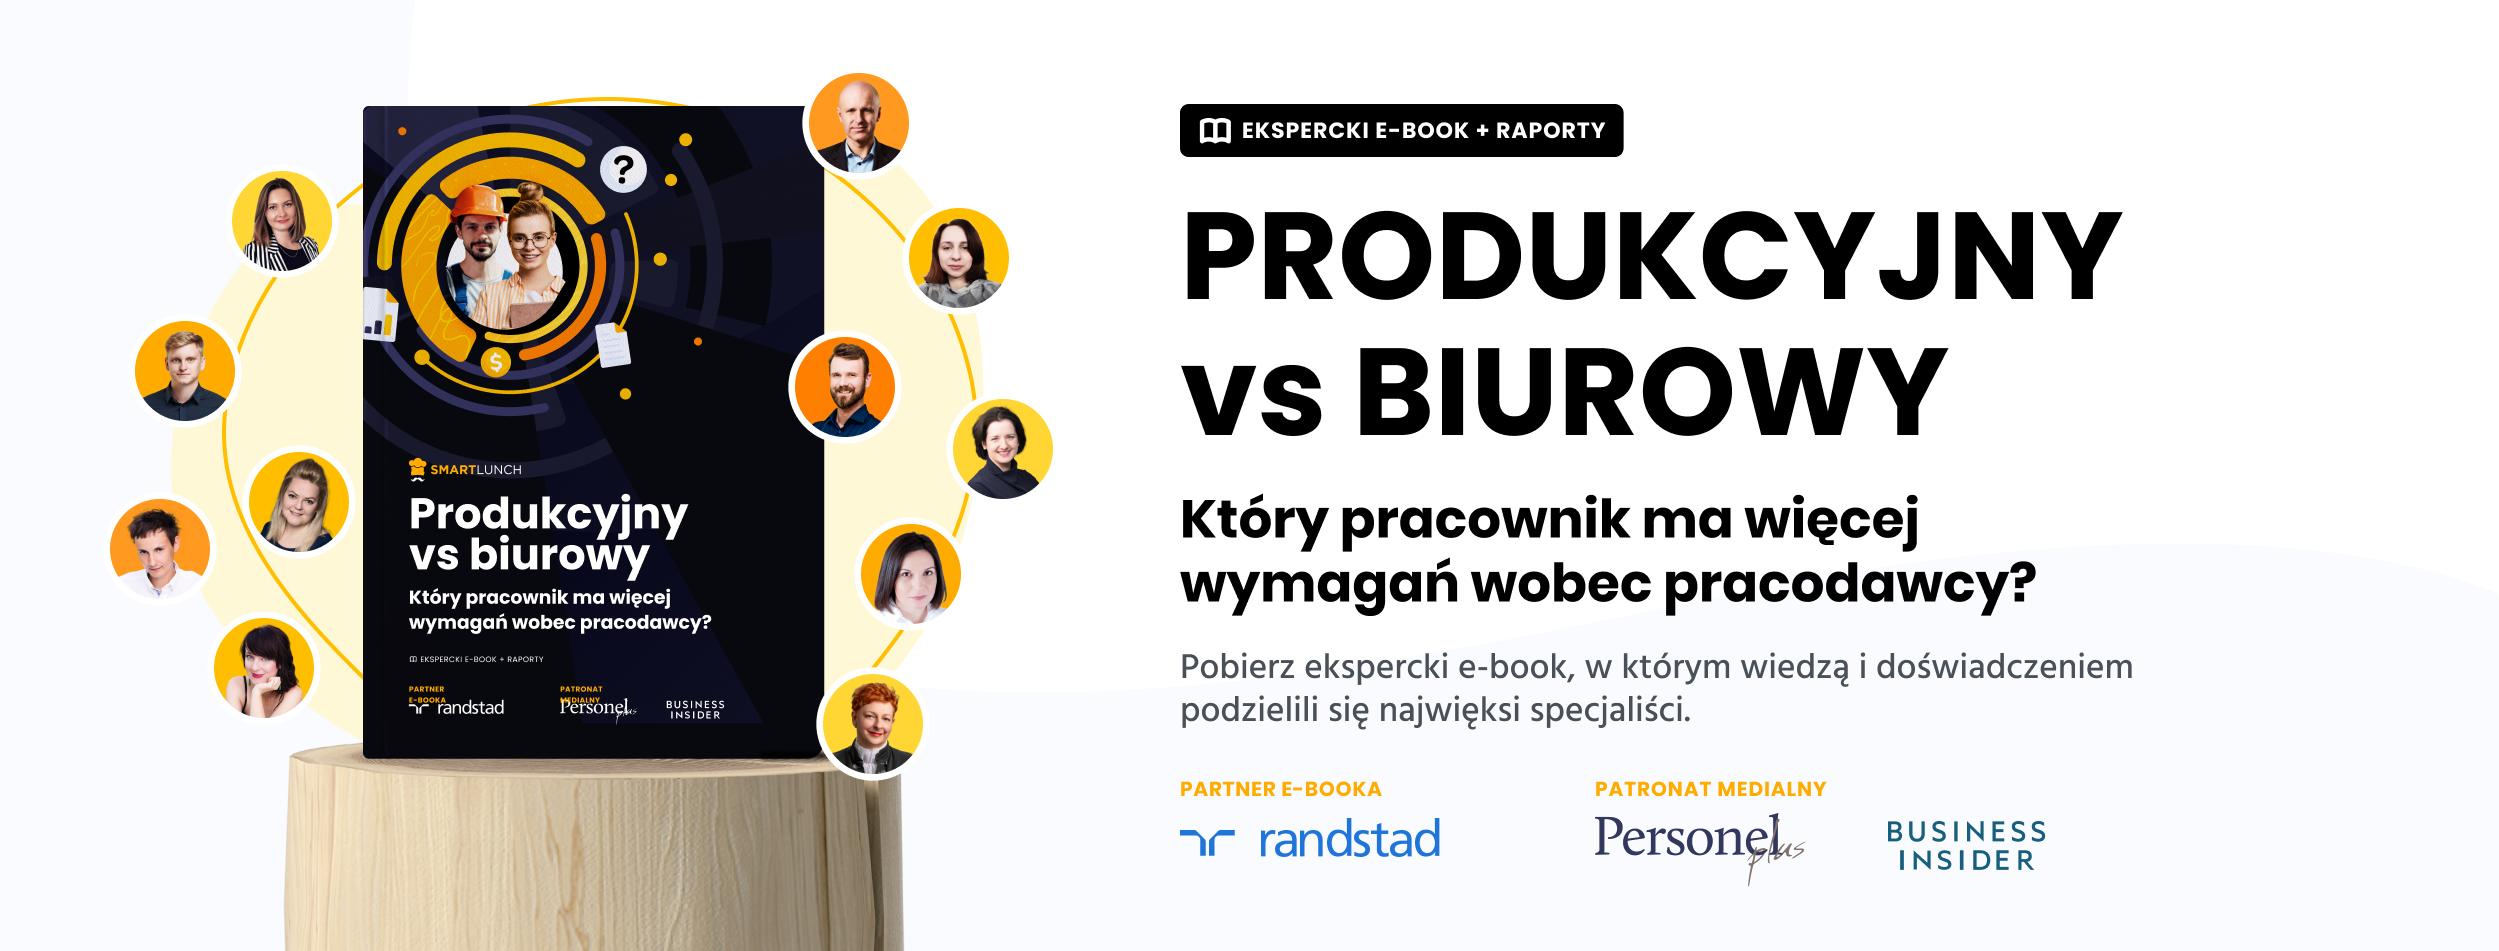 Produkcyjny vs Biurowy